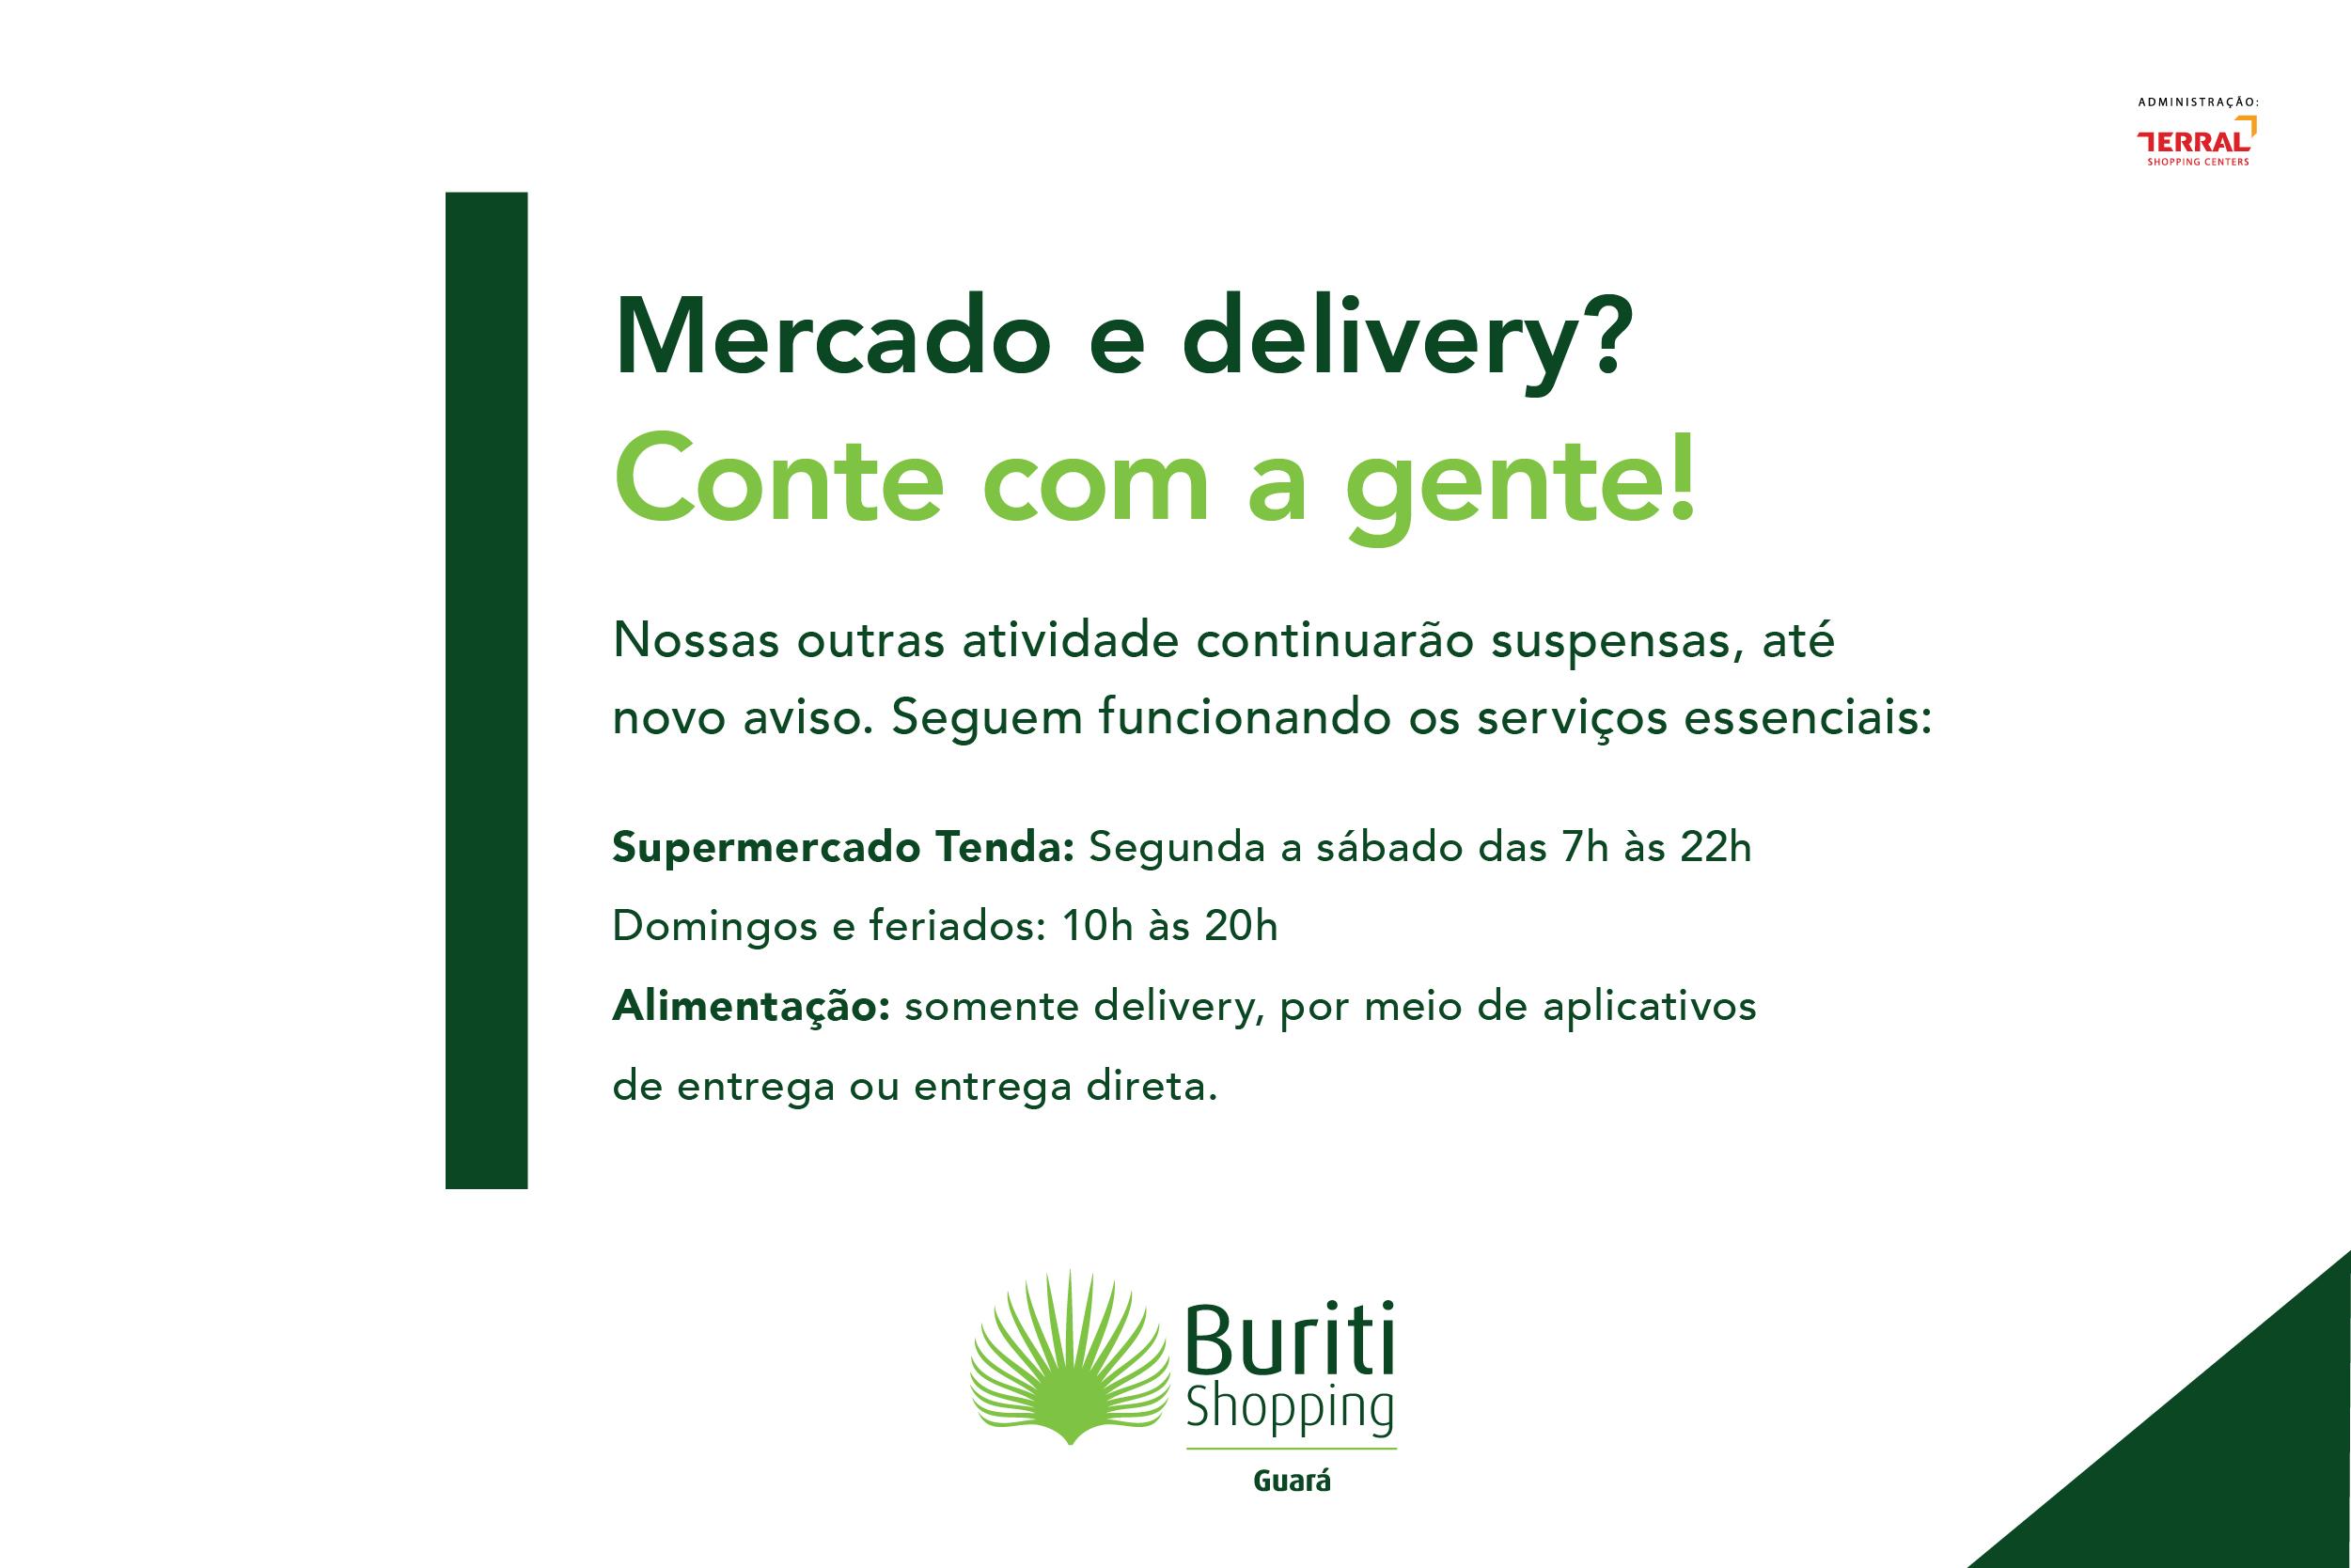 Mercado e Delivery